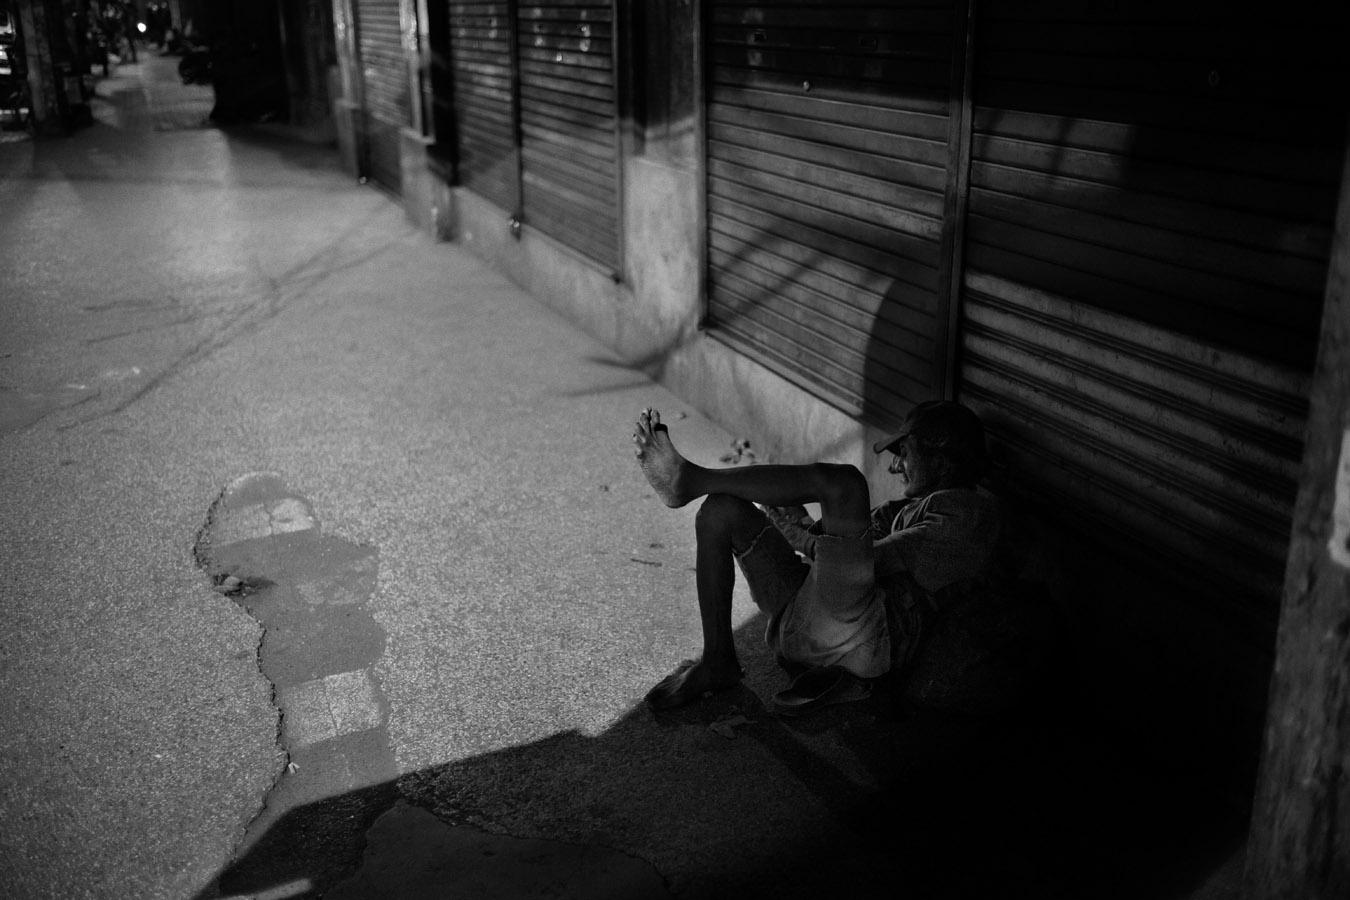 Cebu_by_night_Delettre_Cyril15.jpg